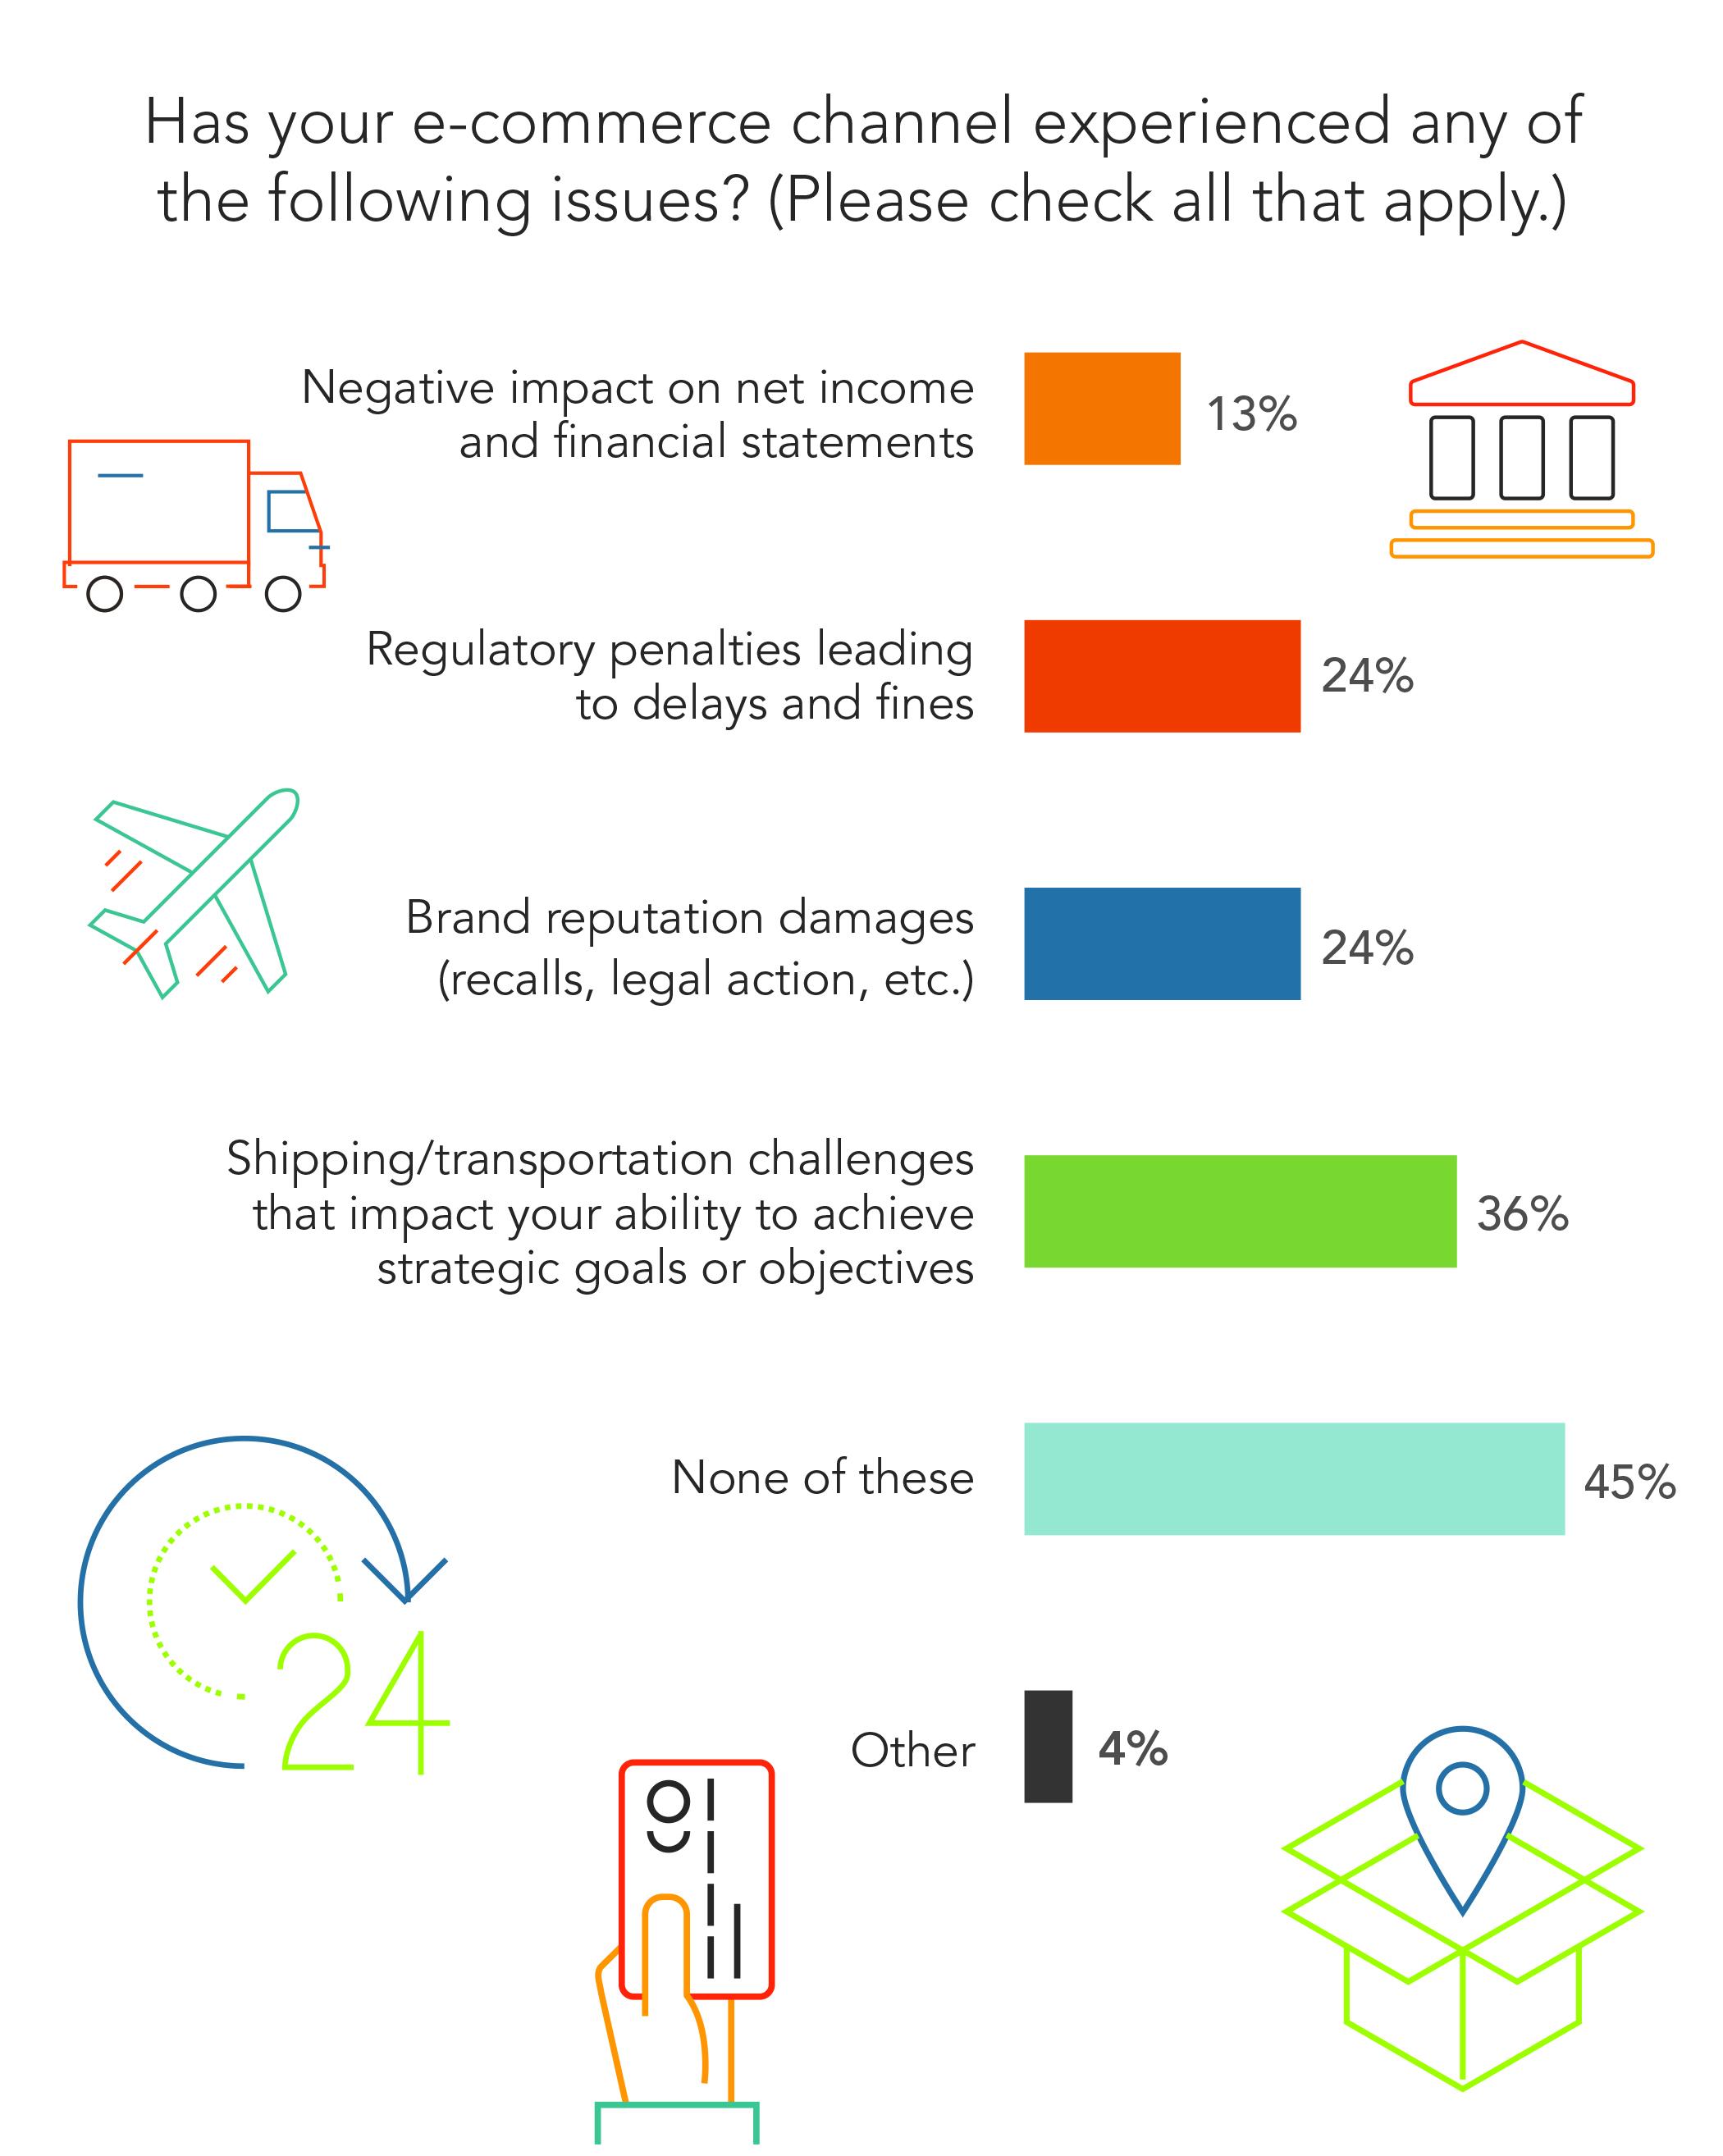 e-commerce chart issues survey.jpg